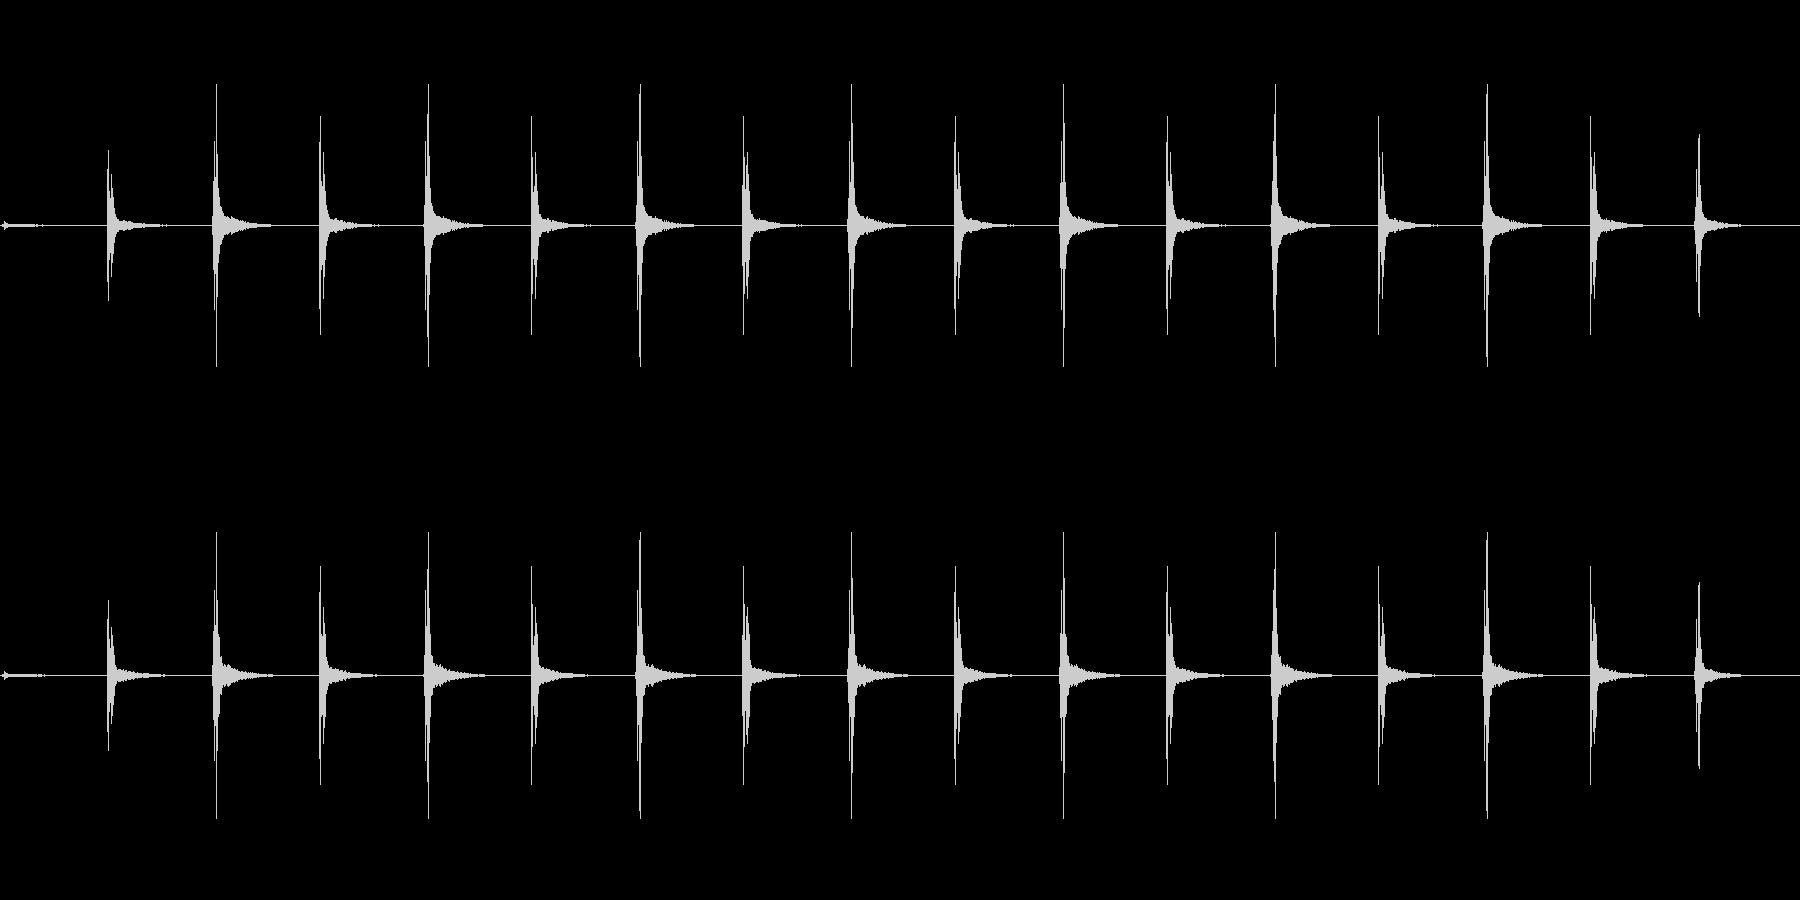 時計 ticktock_45-3_revの未再生の波形